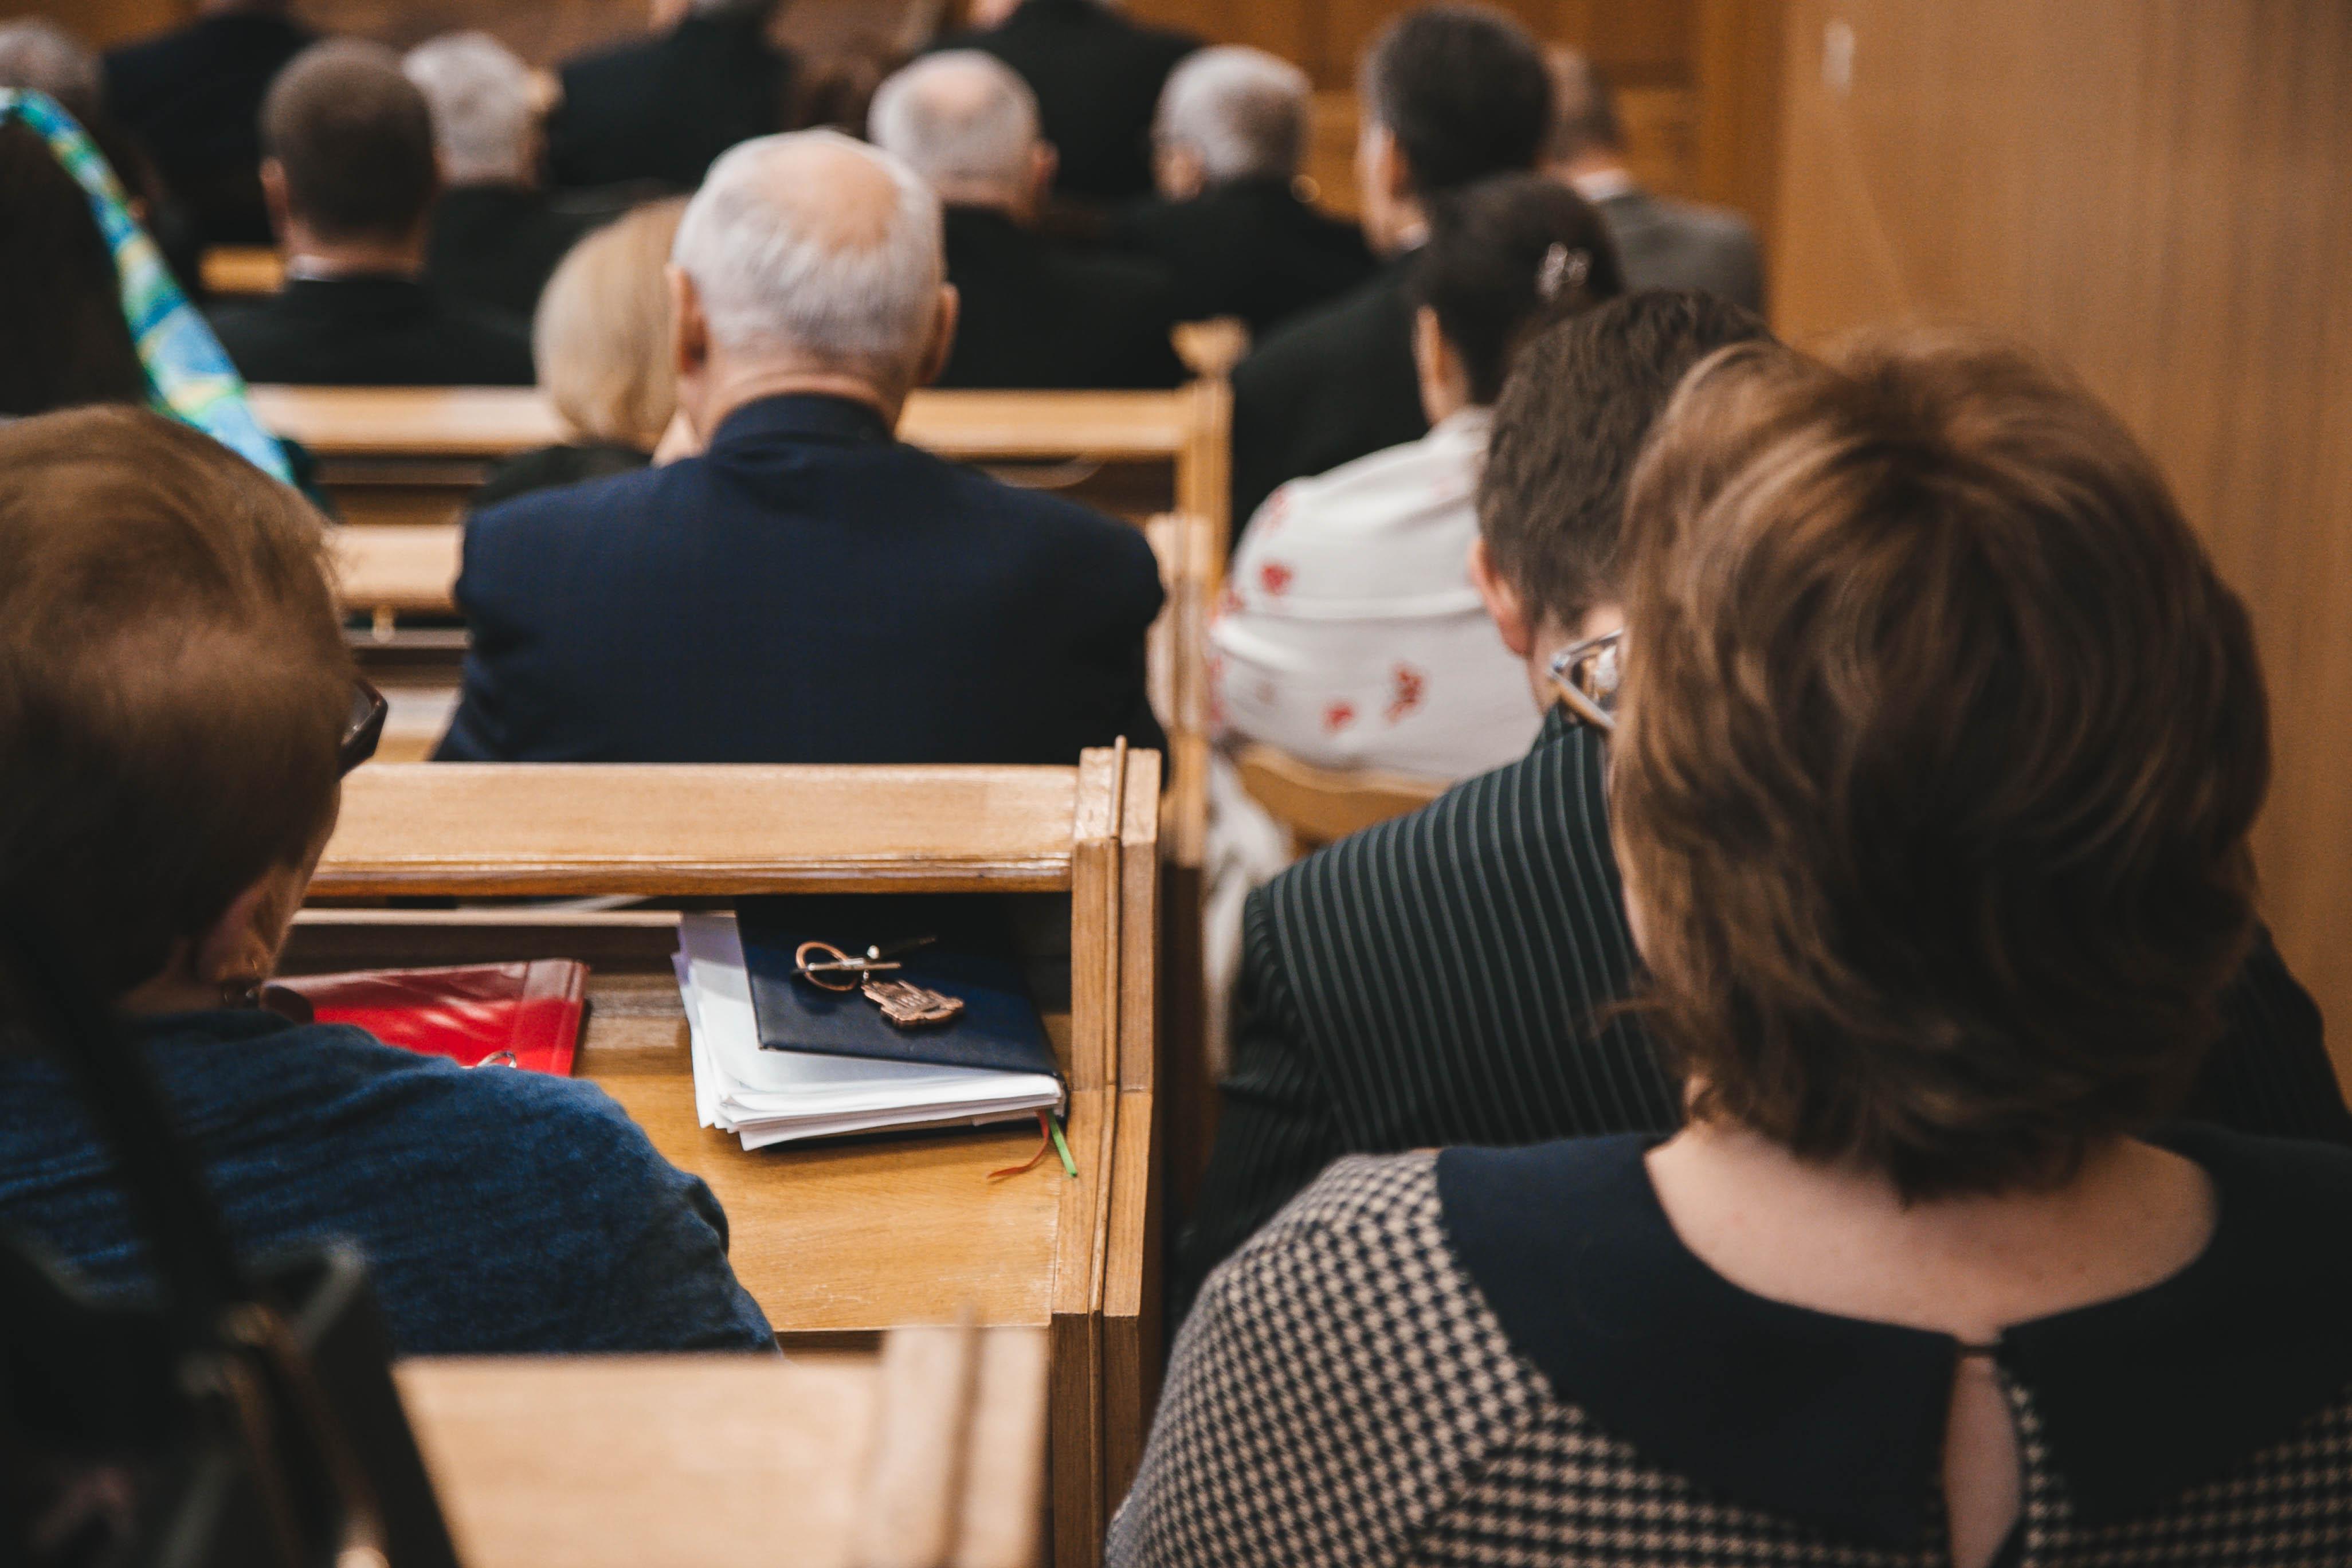 83 научно-техническая конференция начала работу